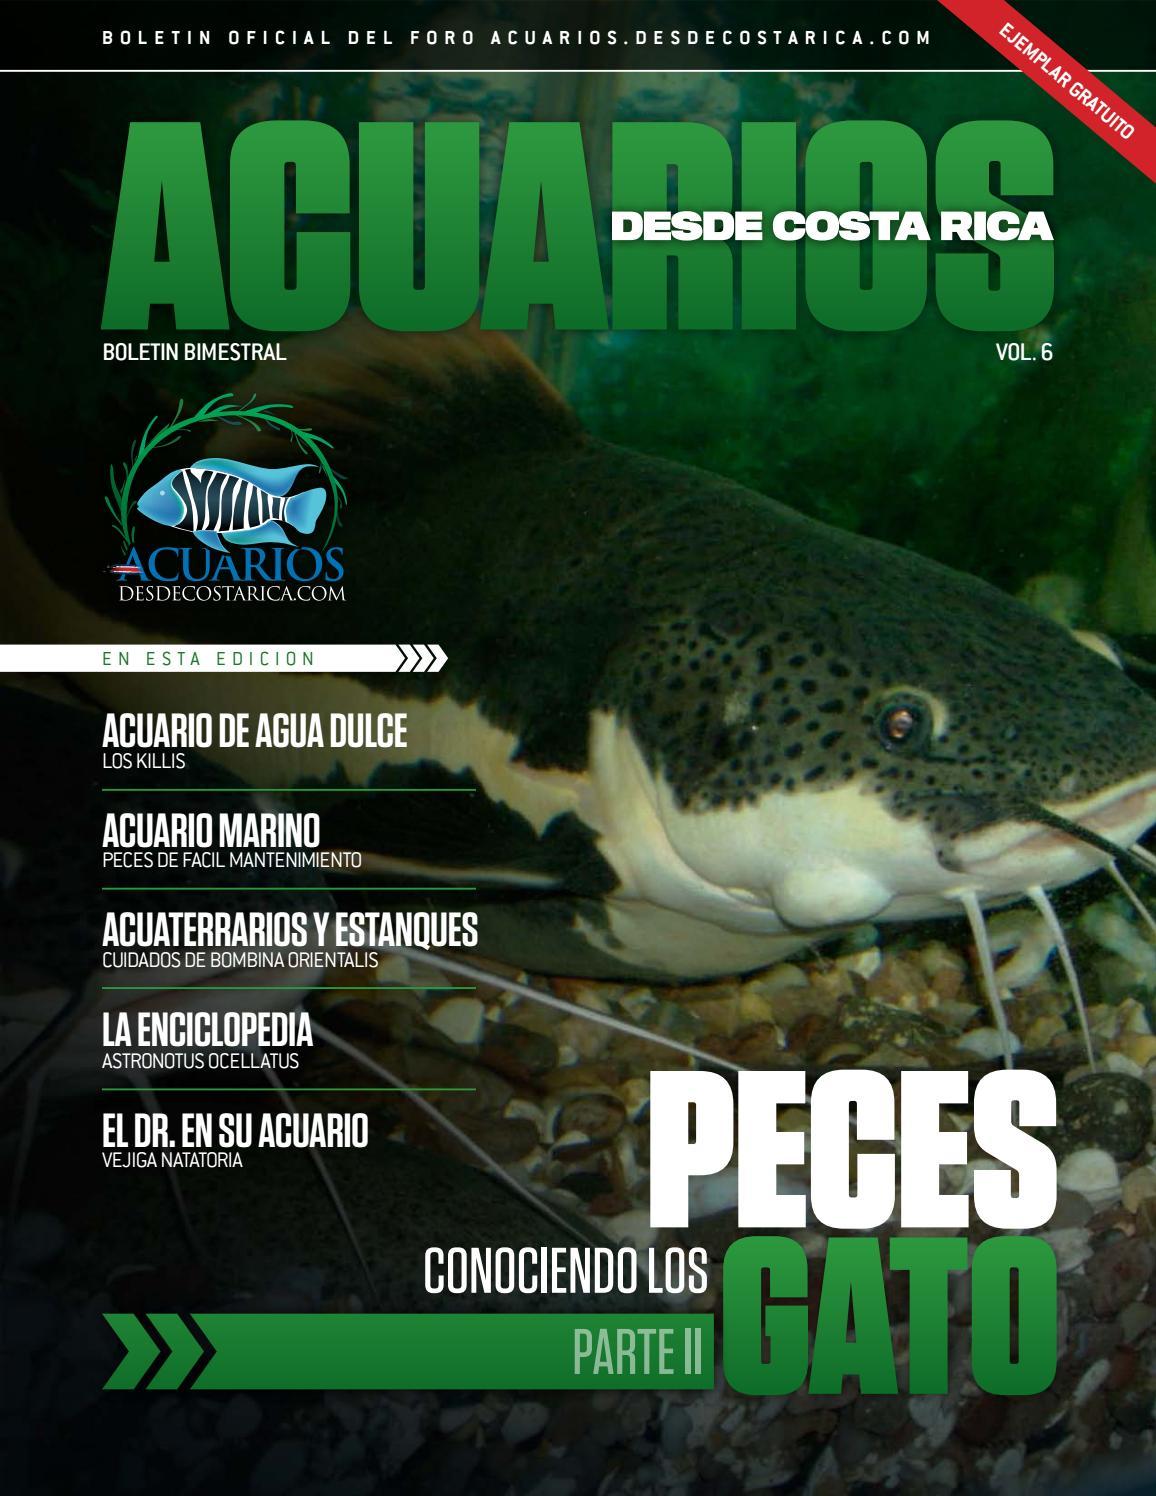 Revista acuarios desde costa rica vol 6 by la magia de los for Manual de peces ornamentales